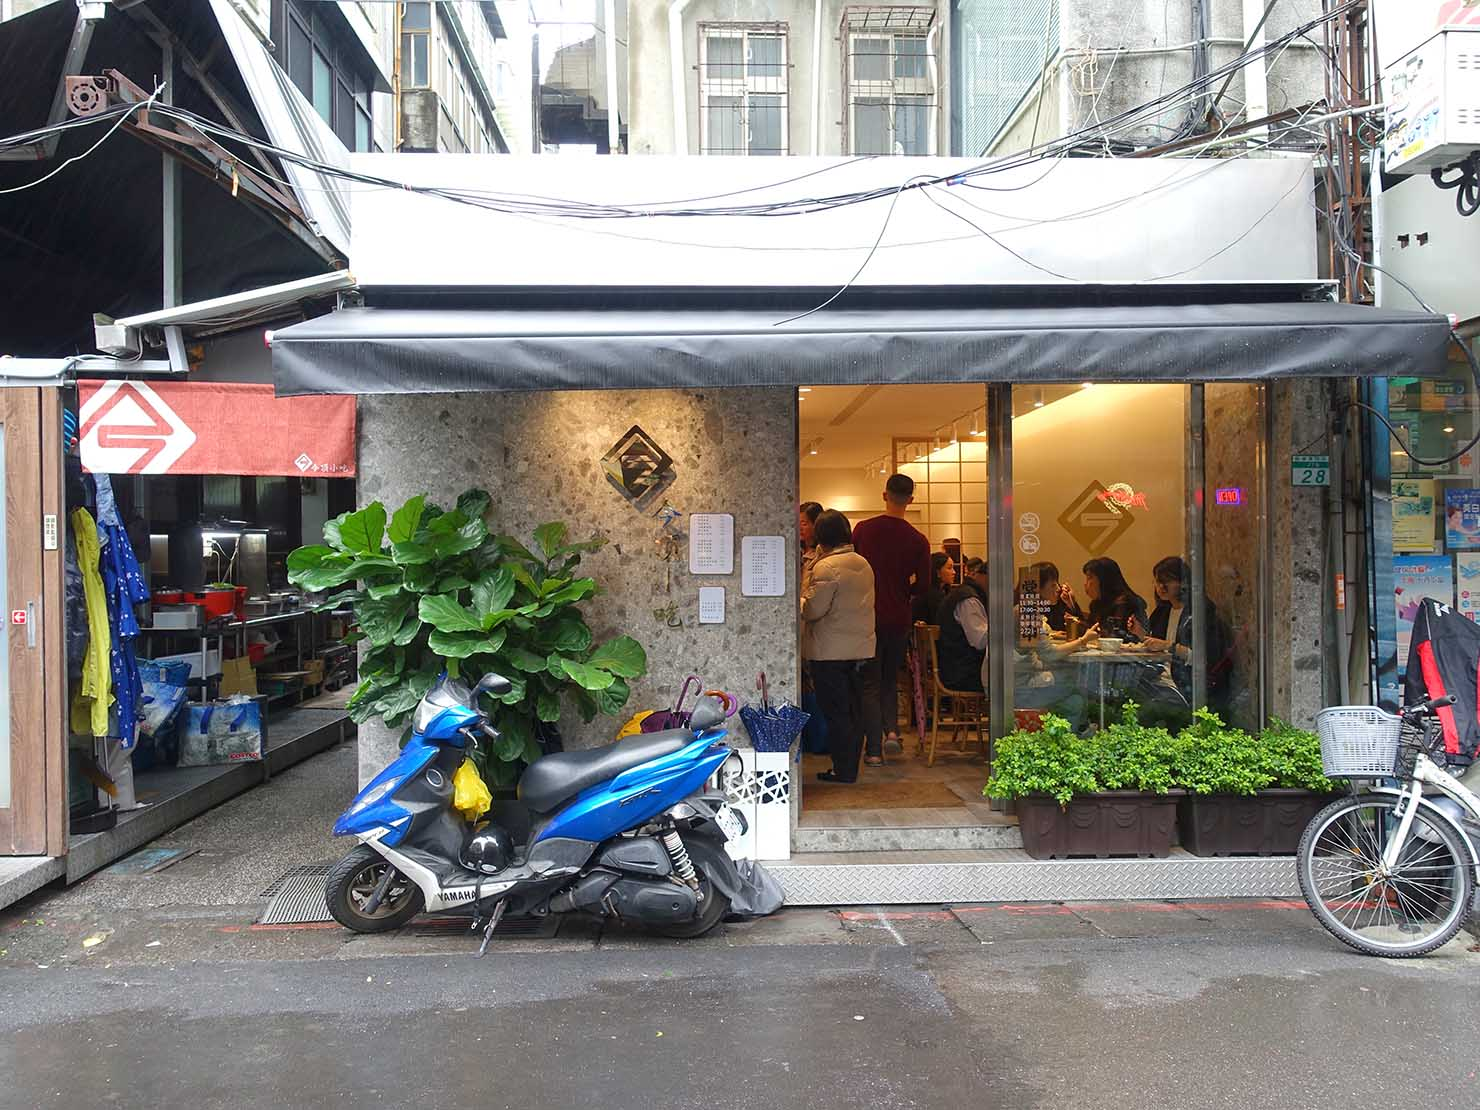 台北・忠孝復興駅(東區)のおすすめグルメ店「今頂小吃」の外観